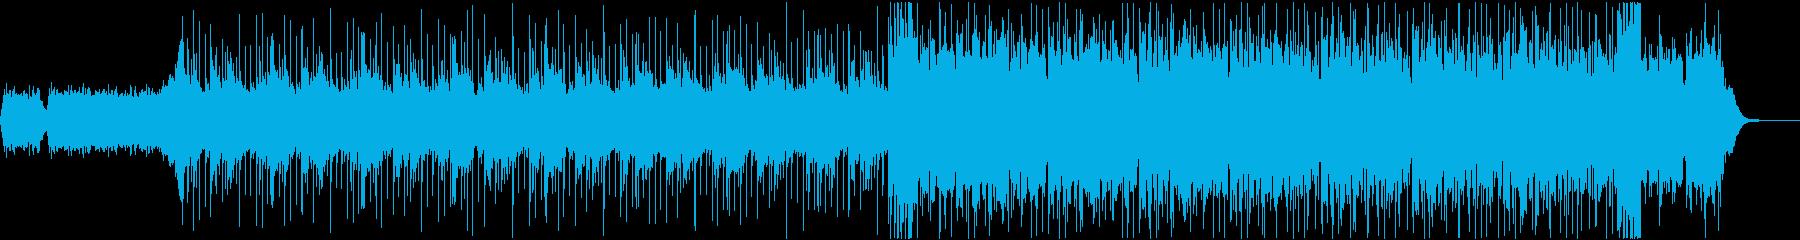 幻想的なアンビエントビートの再生済みの波形